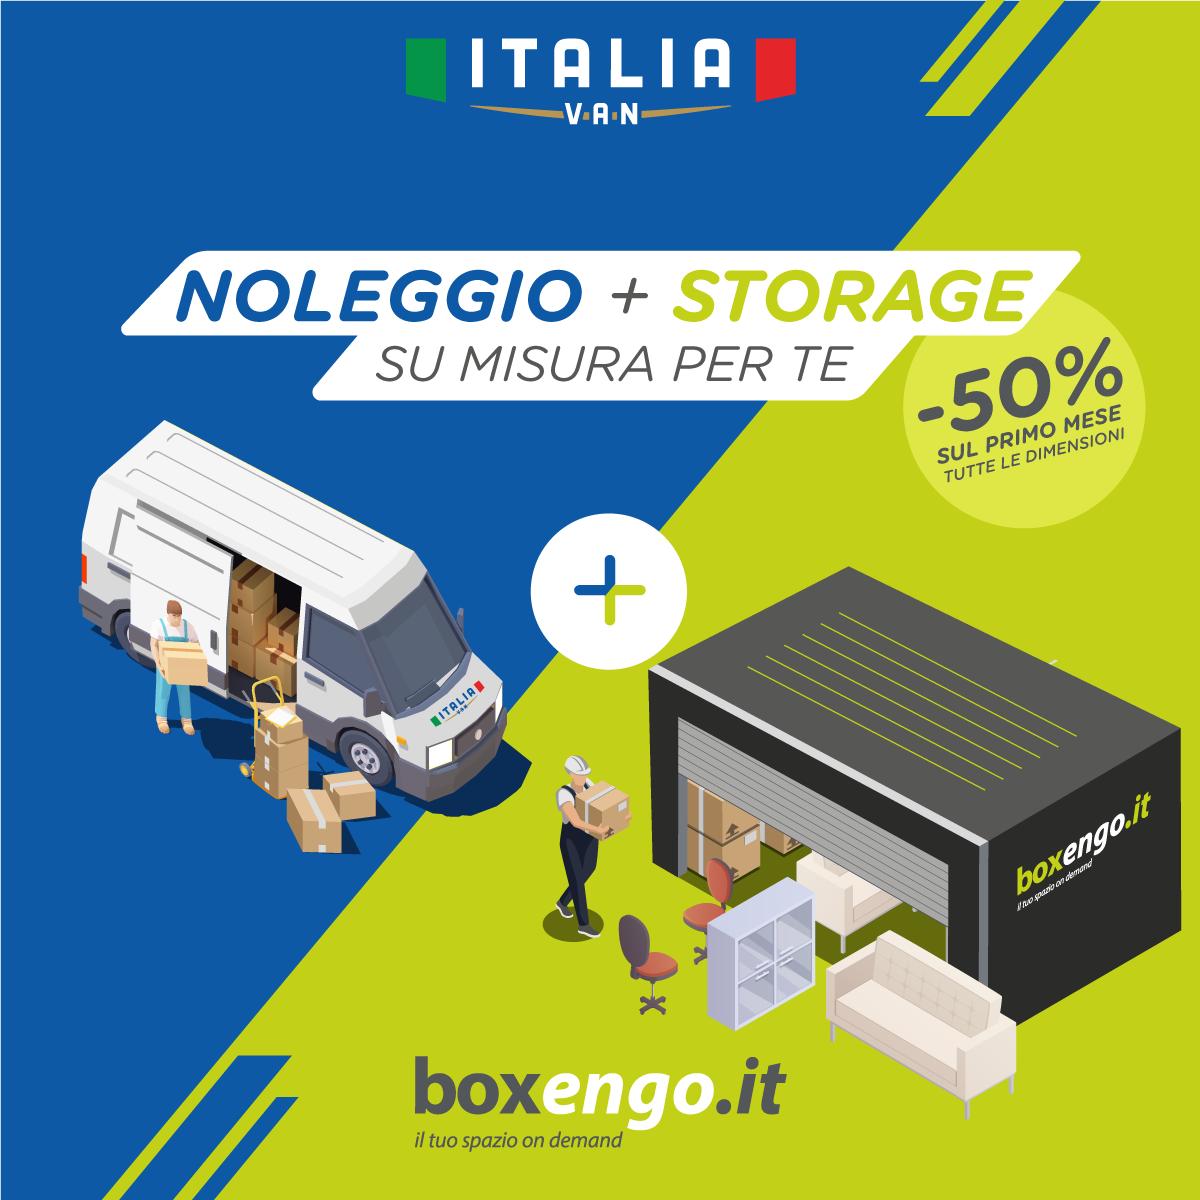 https://www.italiavan.it/web/upload/pagine/news/IV-BOXGO-1200-1-1626271457.4214.png